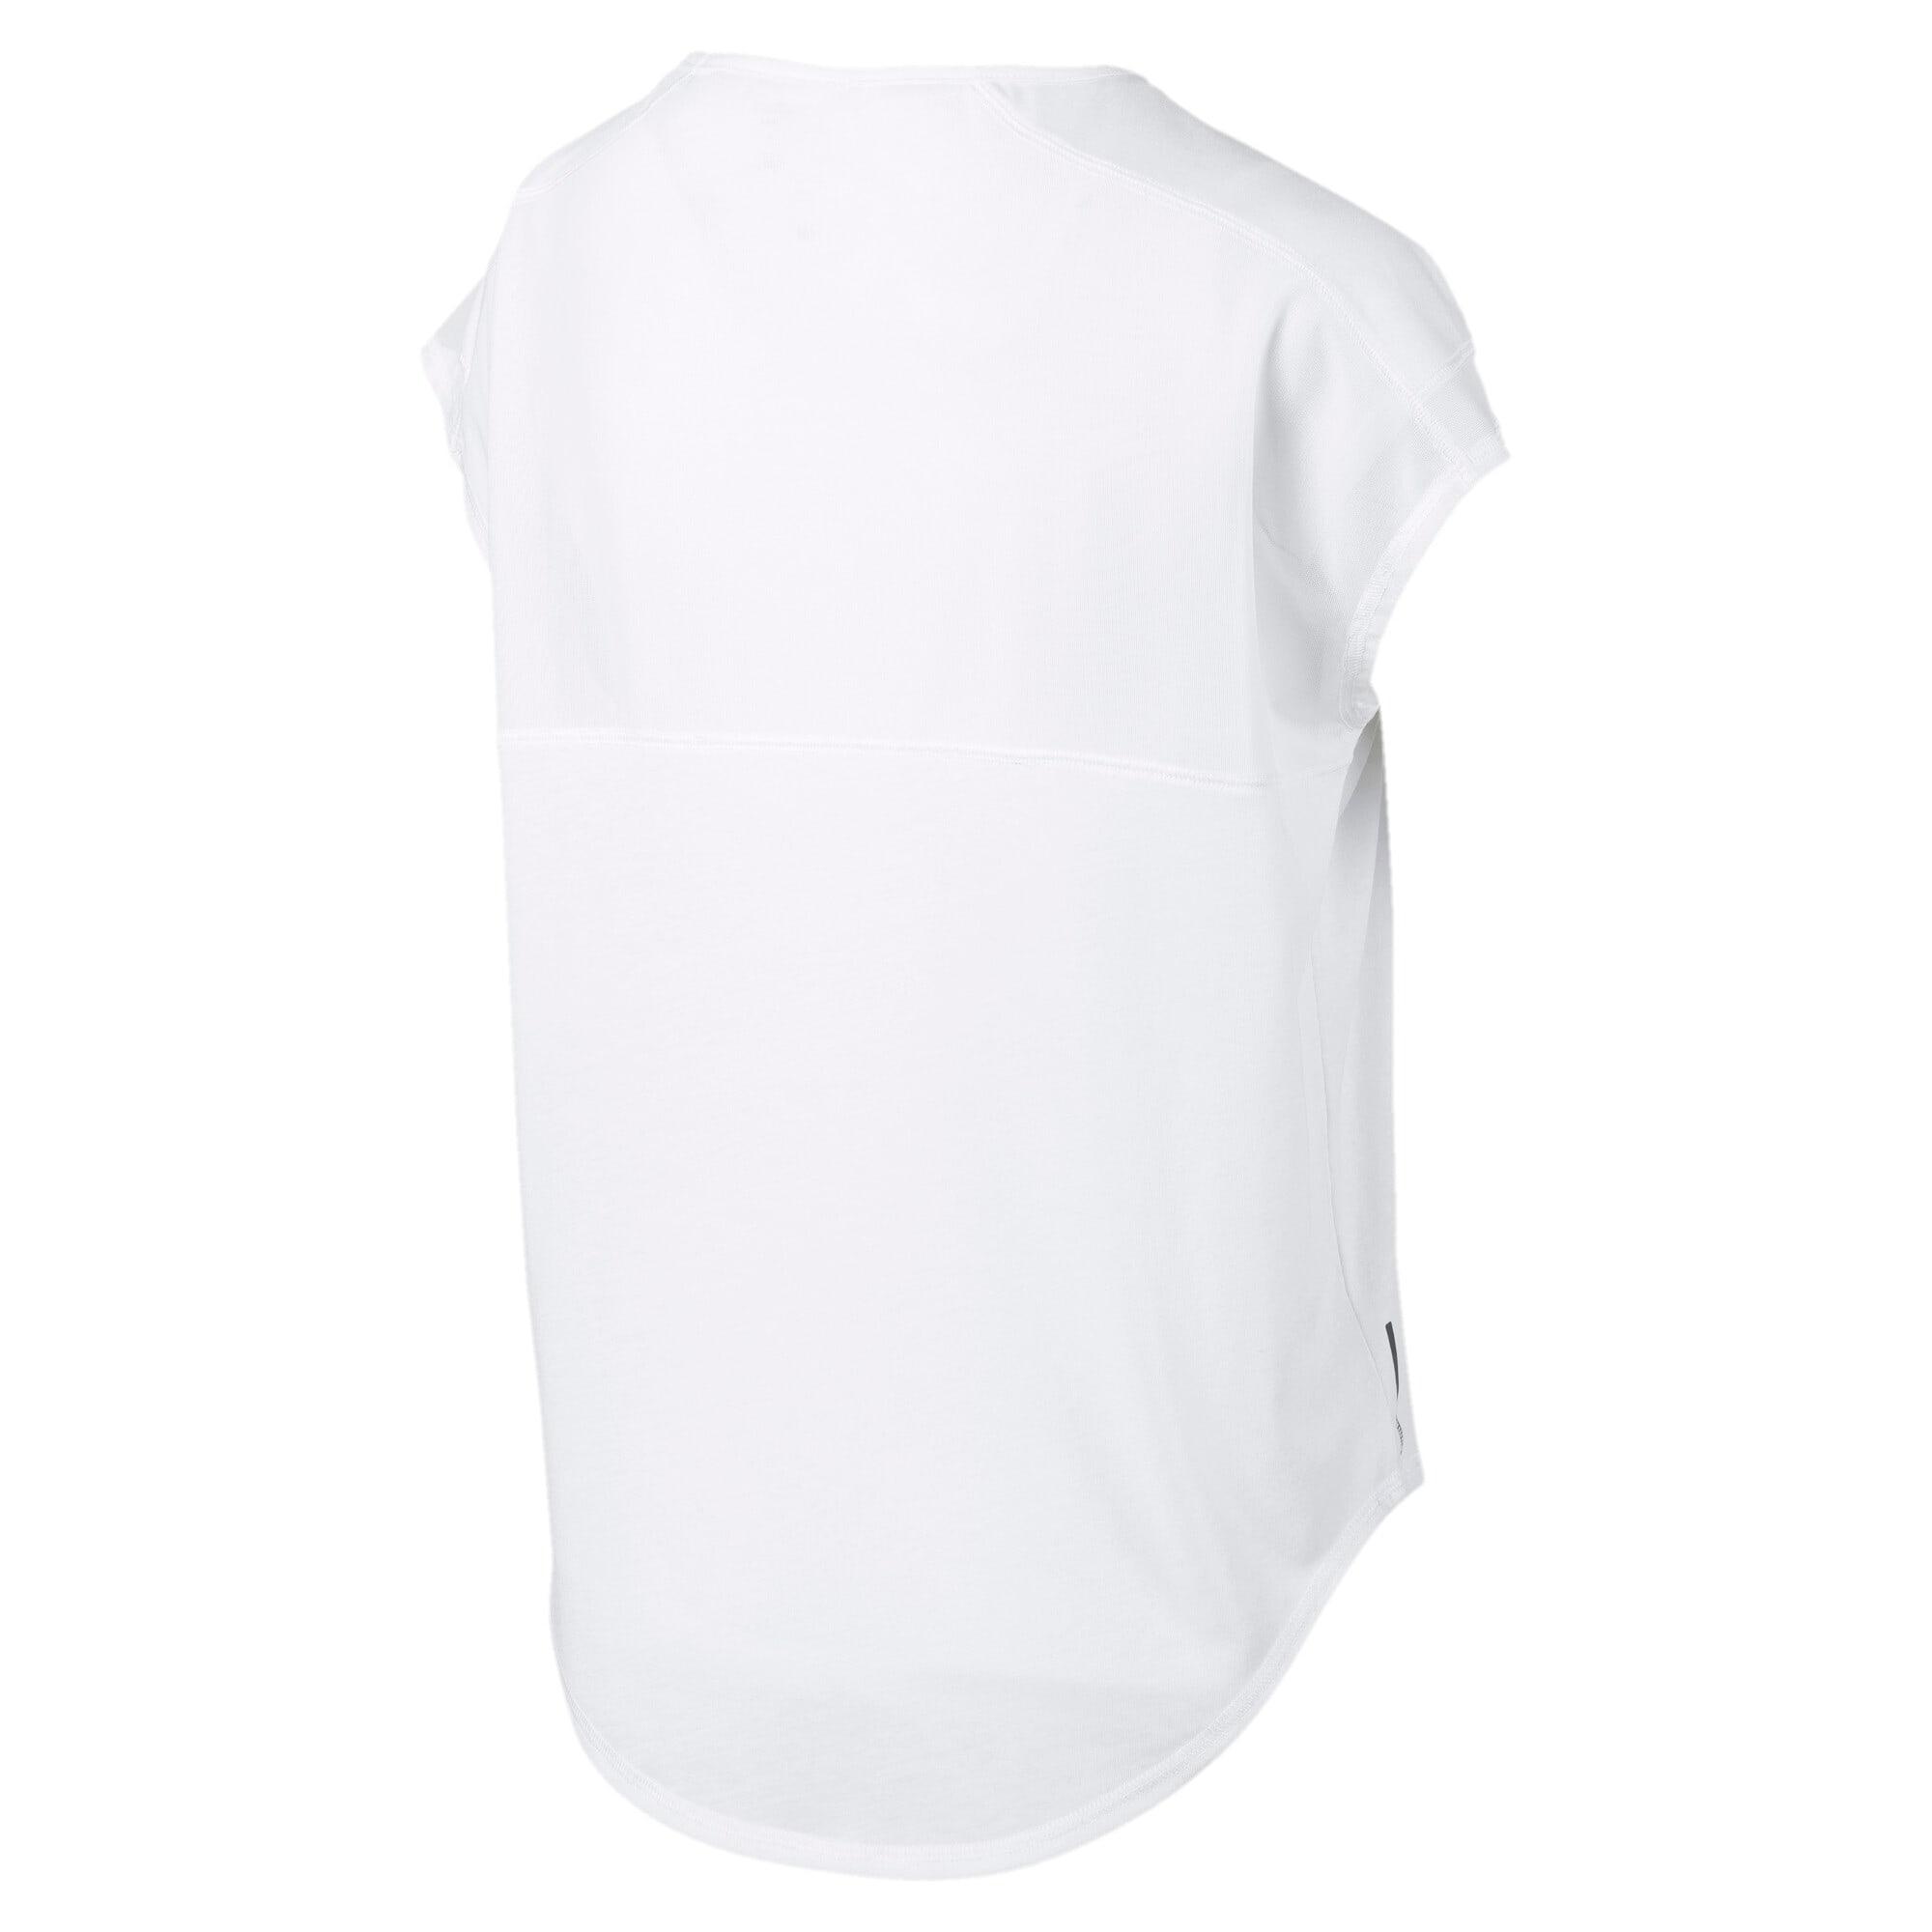 Thumbnail 5 of スタジオ SS ウィメンズ トレーニング メッシュ キャット Tシャツ 半袖, Puma White, medium-JPN